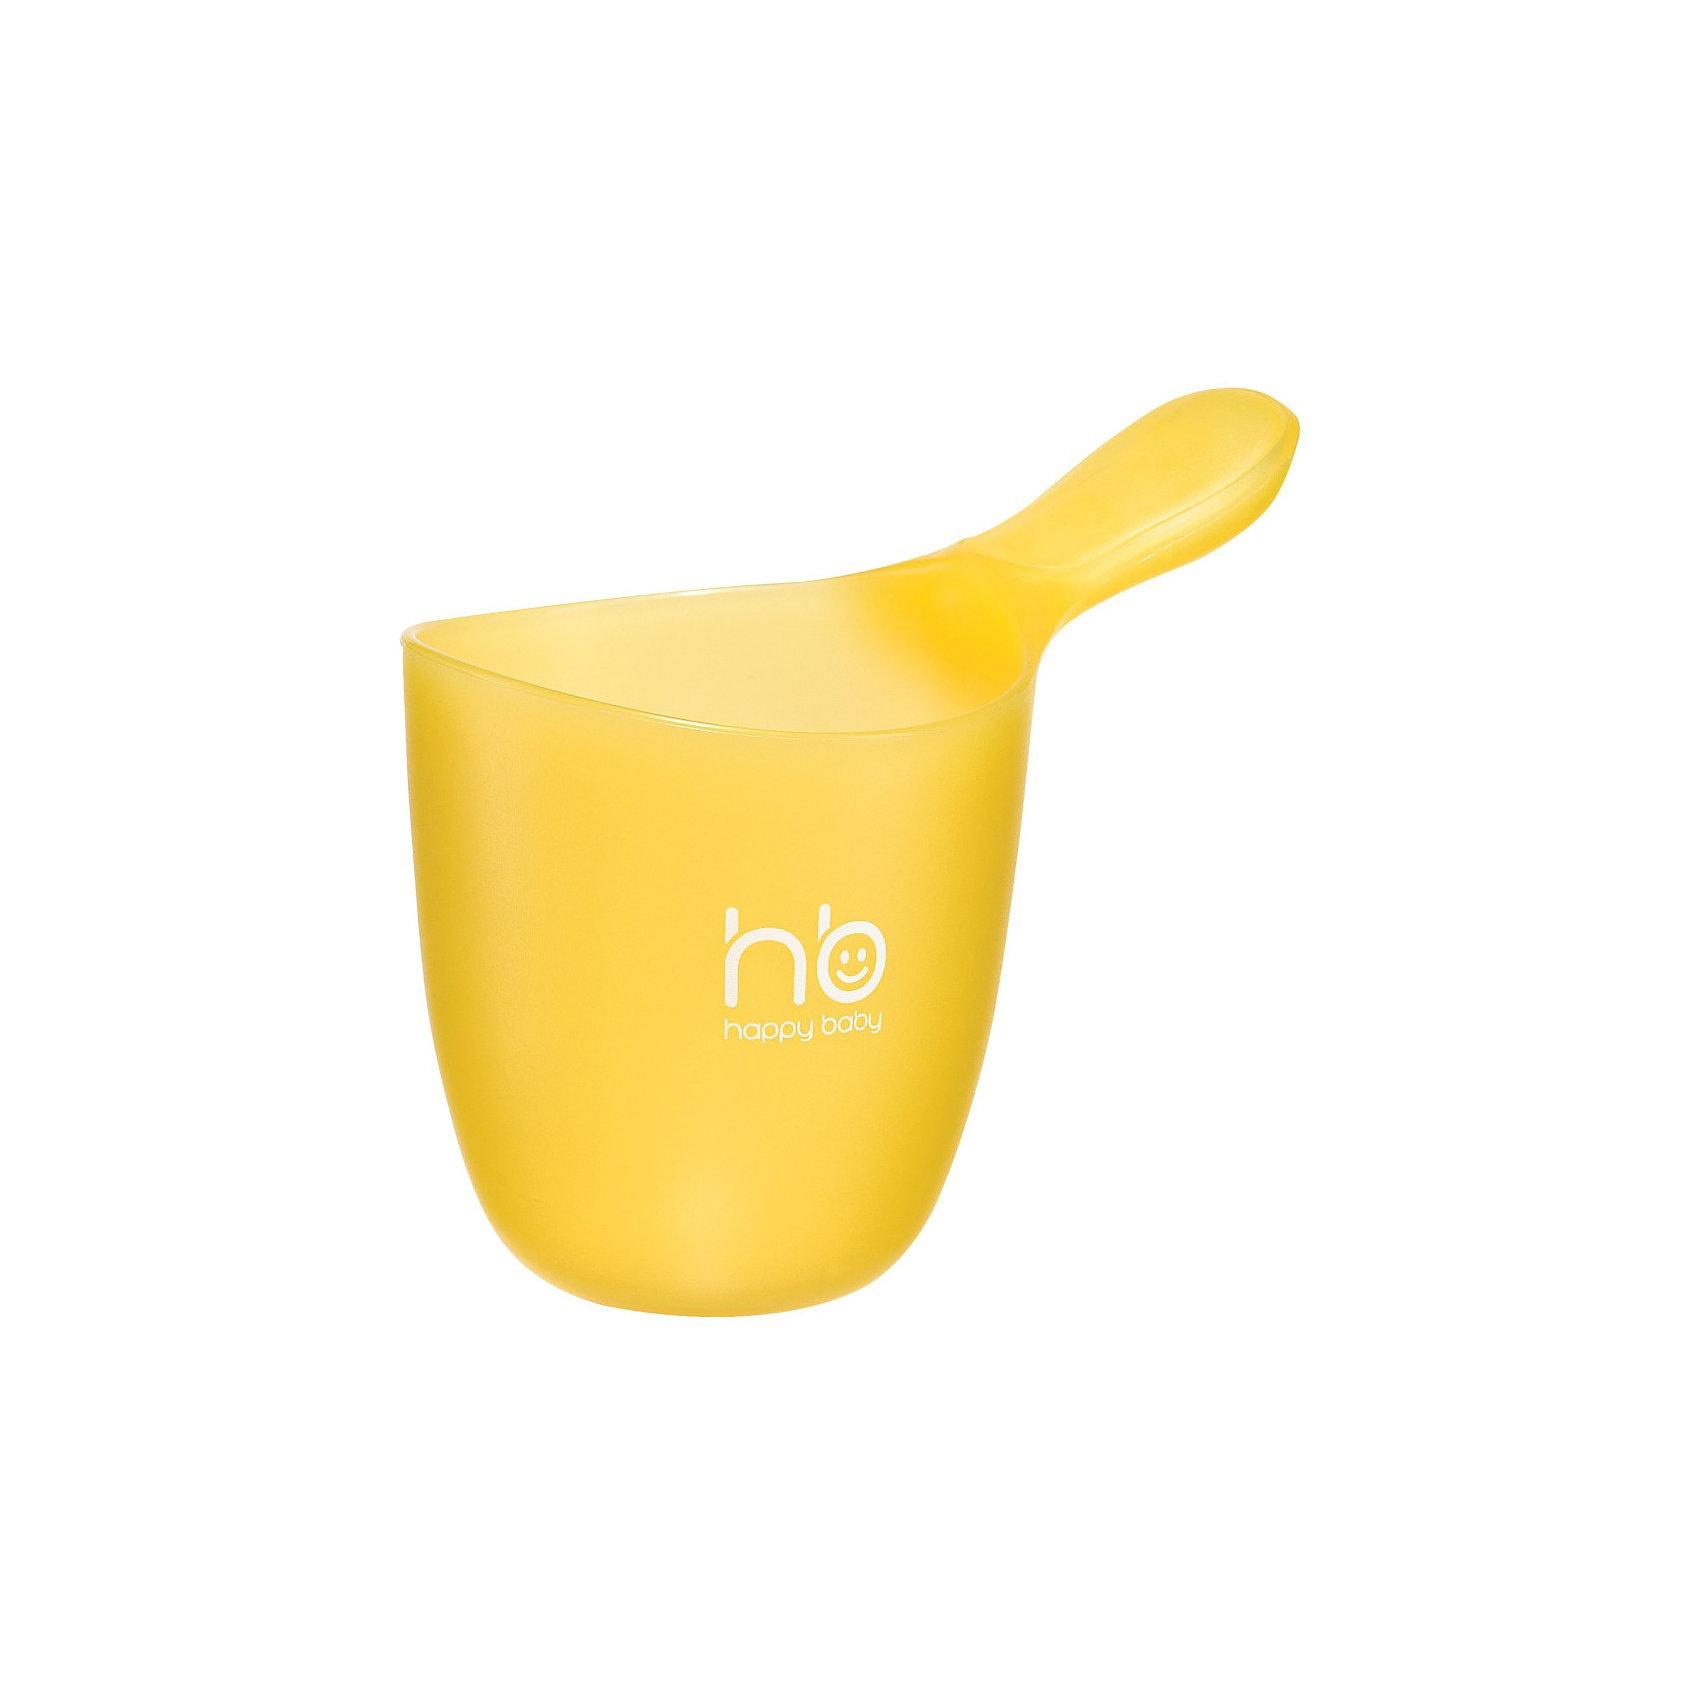 Ковш для воды BAILER, Happy baby, жёлтыйКовш для воды BAILER, Happy baby (Хэппи Бэби), жёлтый -необходимая вещь во время купания.<br>Ковш для воды BAILER поможет разбавить воду в ванночке. Особенности: вместительный, легкий и надежный, удобная анатомическая ручка и устойчивое дно.<br><br>Дополнительная информация:<br><br>- Материал: полипропилен<br>- Объем; 0.7 л.<br><br>Ковш для воды BAILER, Happy baby (Хэппи Бэби), жёлтый можно купить в нашем интернет-магазине.<br><br>Ширина мм: 540<br>Глубина мм: 200<br>Высота мм: 200<br>Вес г: 200<br>Возраст от месяцев: 0<br>Возраст до месяцев: 36<br>Пол: Унисекс<br>Возраст: Детский<br>SKU: 3564216